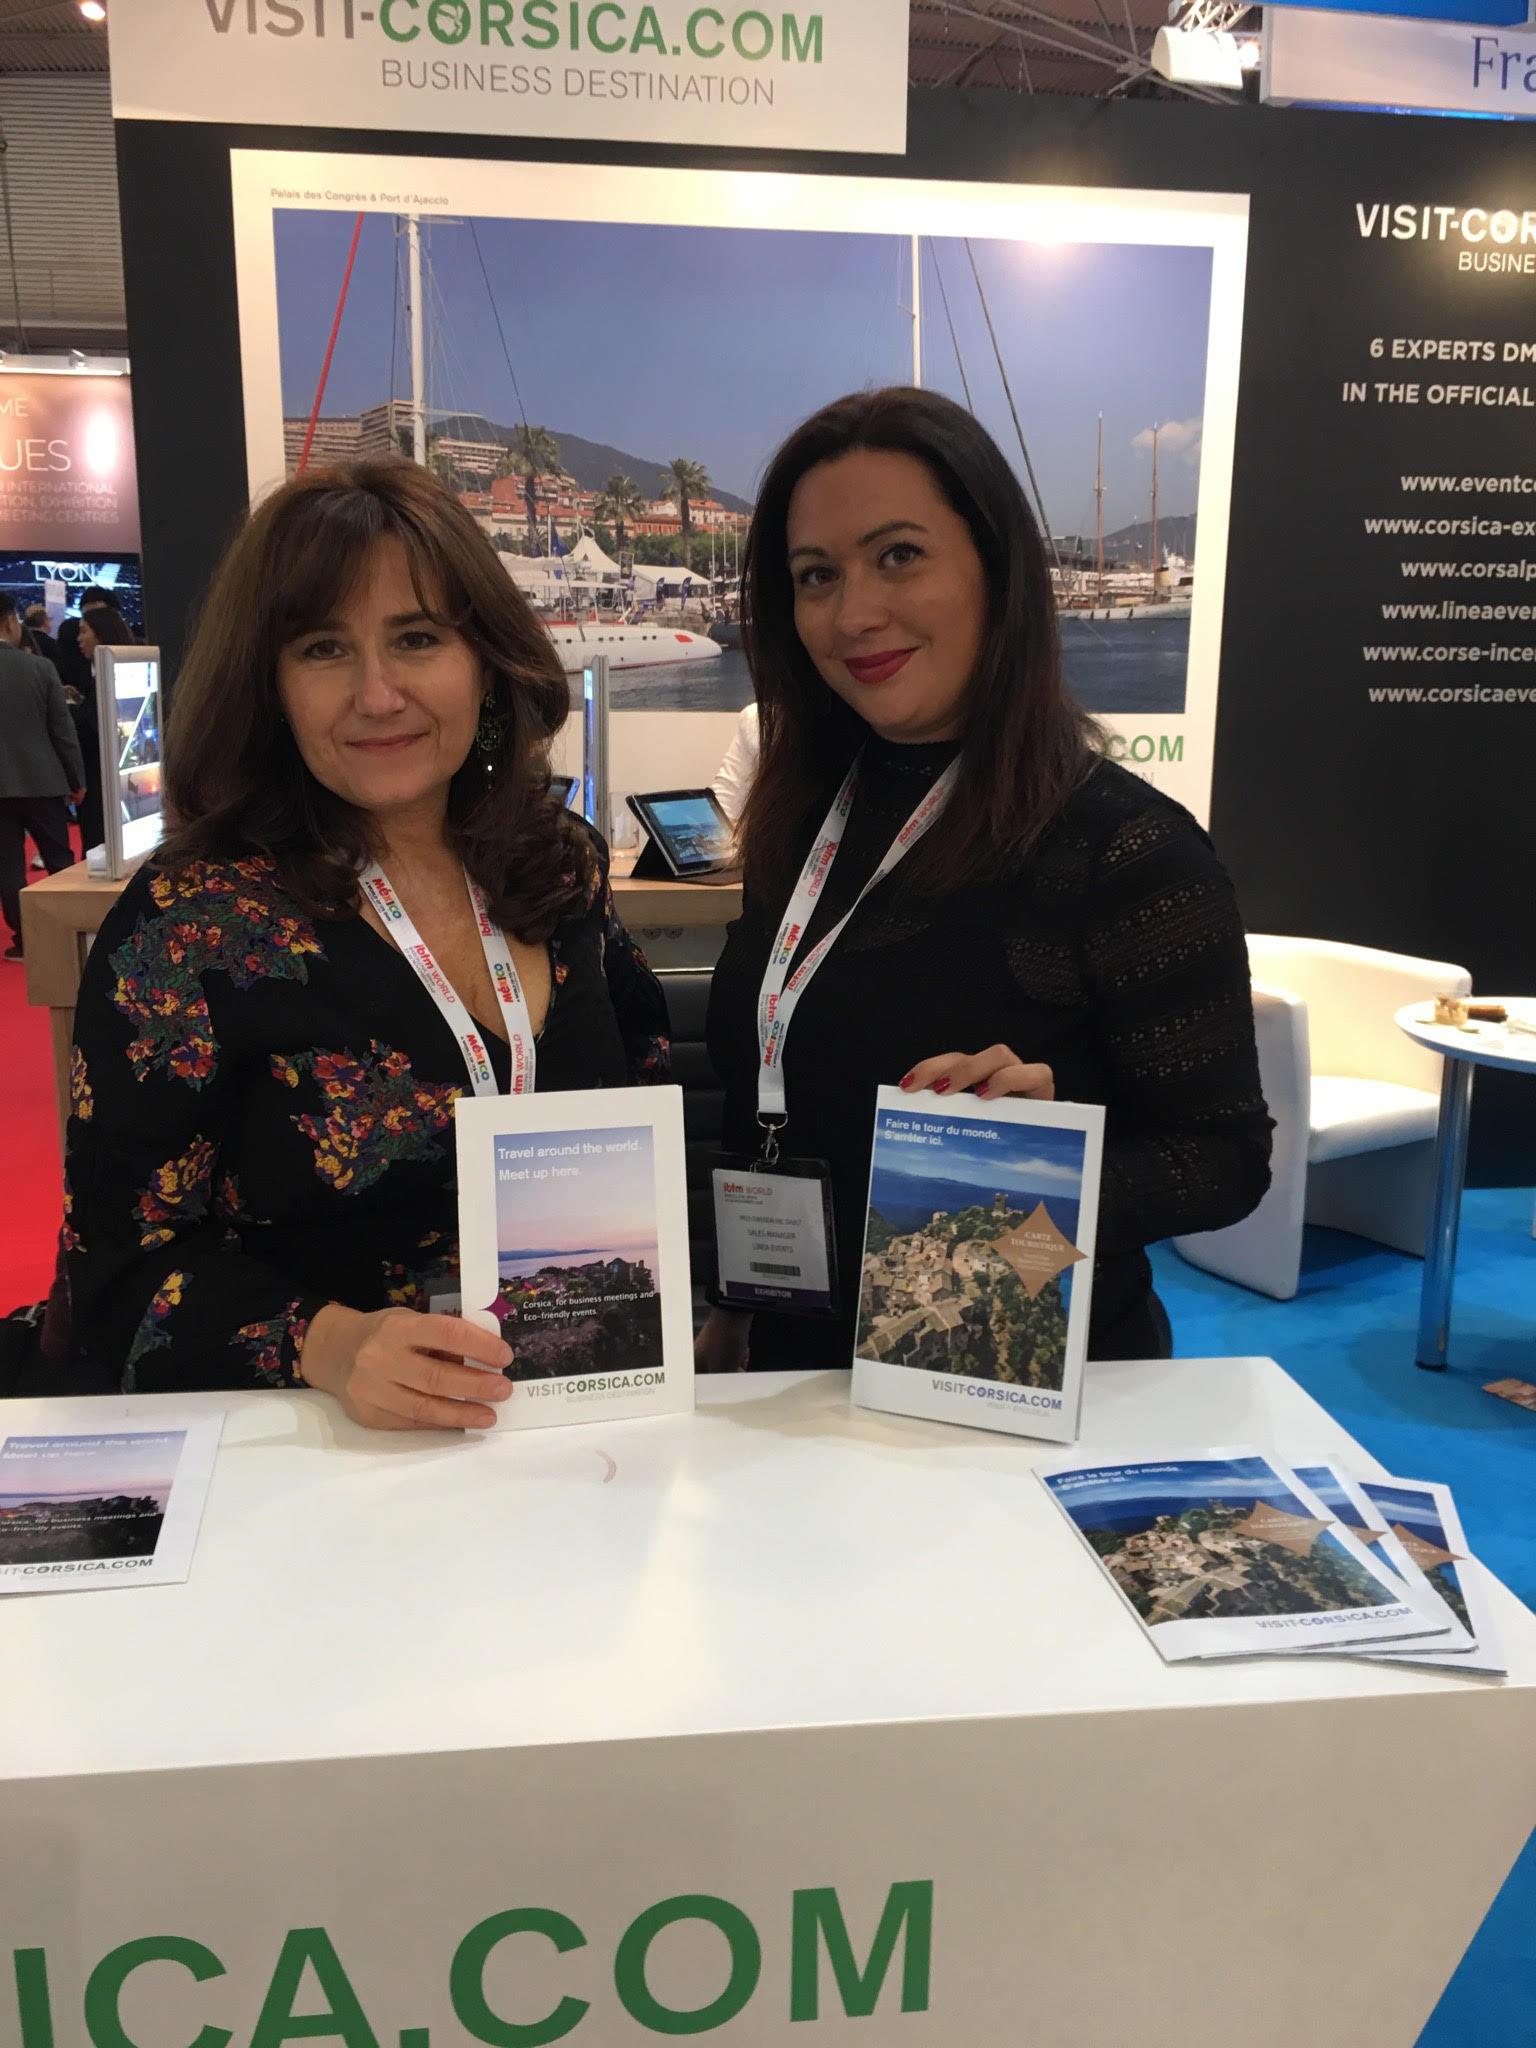 Marie-Ange Celli-Battistelli (à gauche)au stand Visit-Corsica.com.